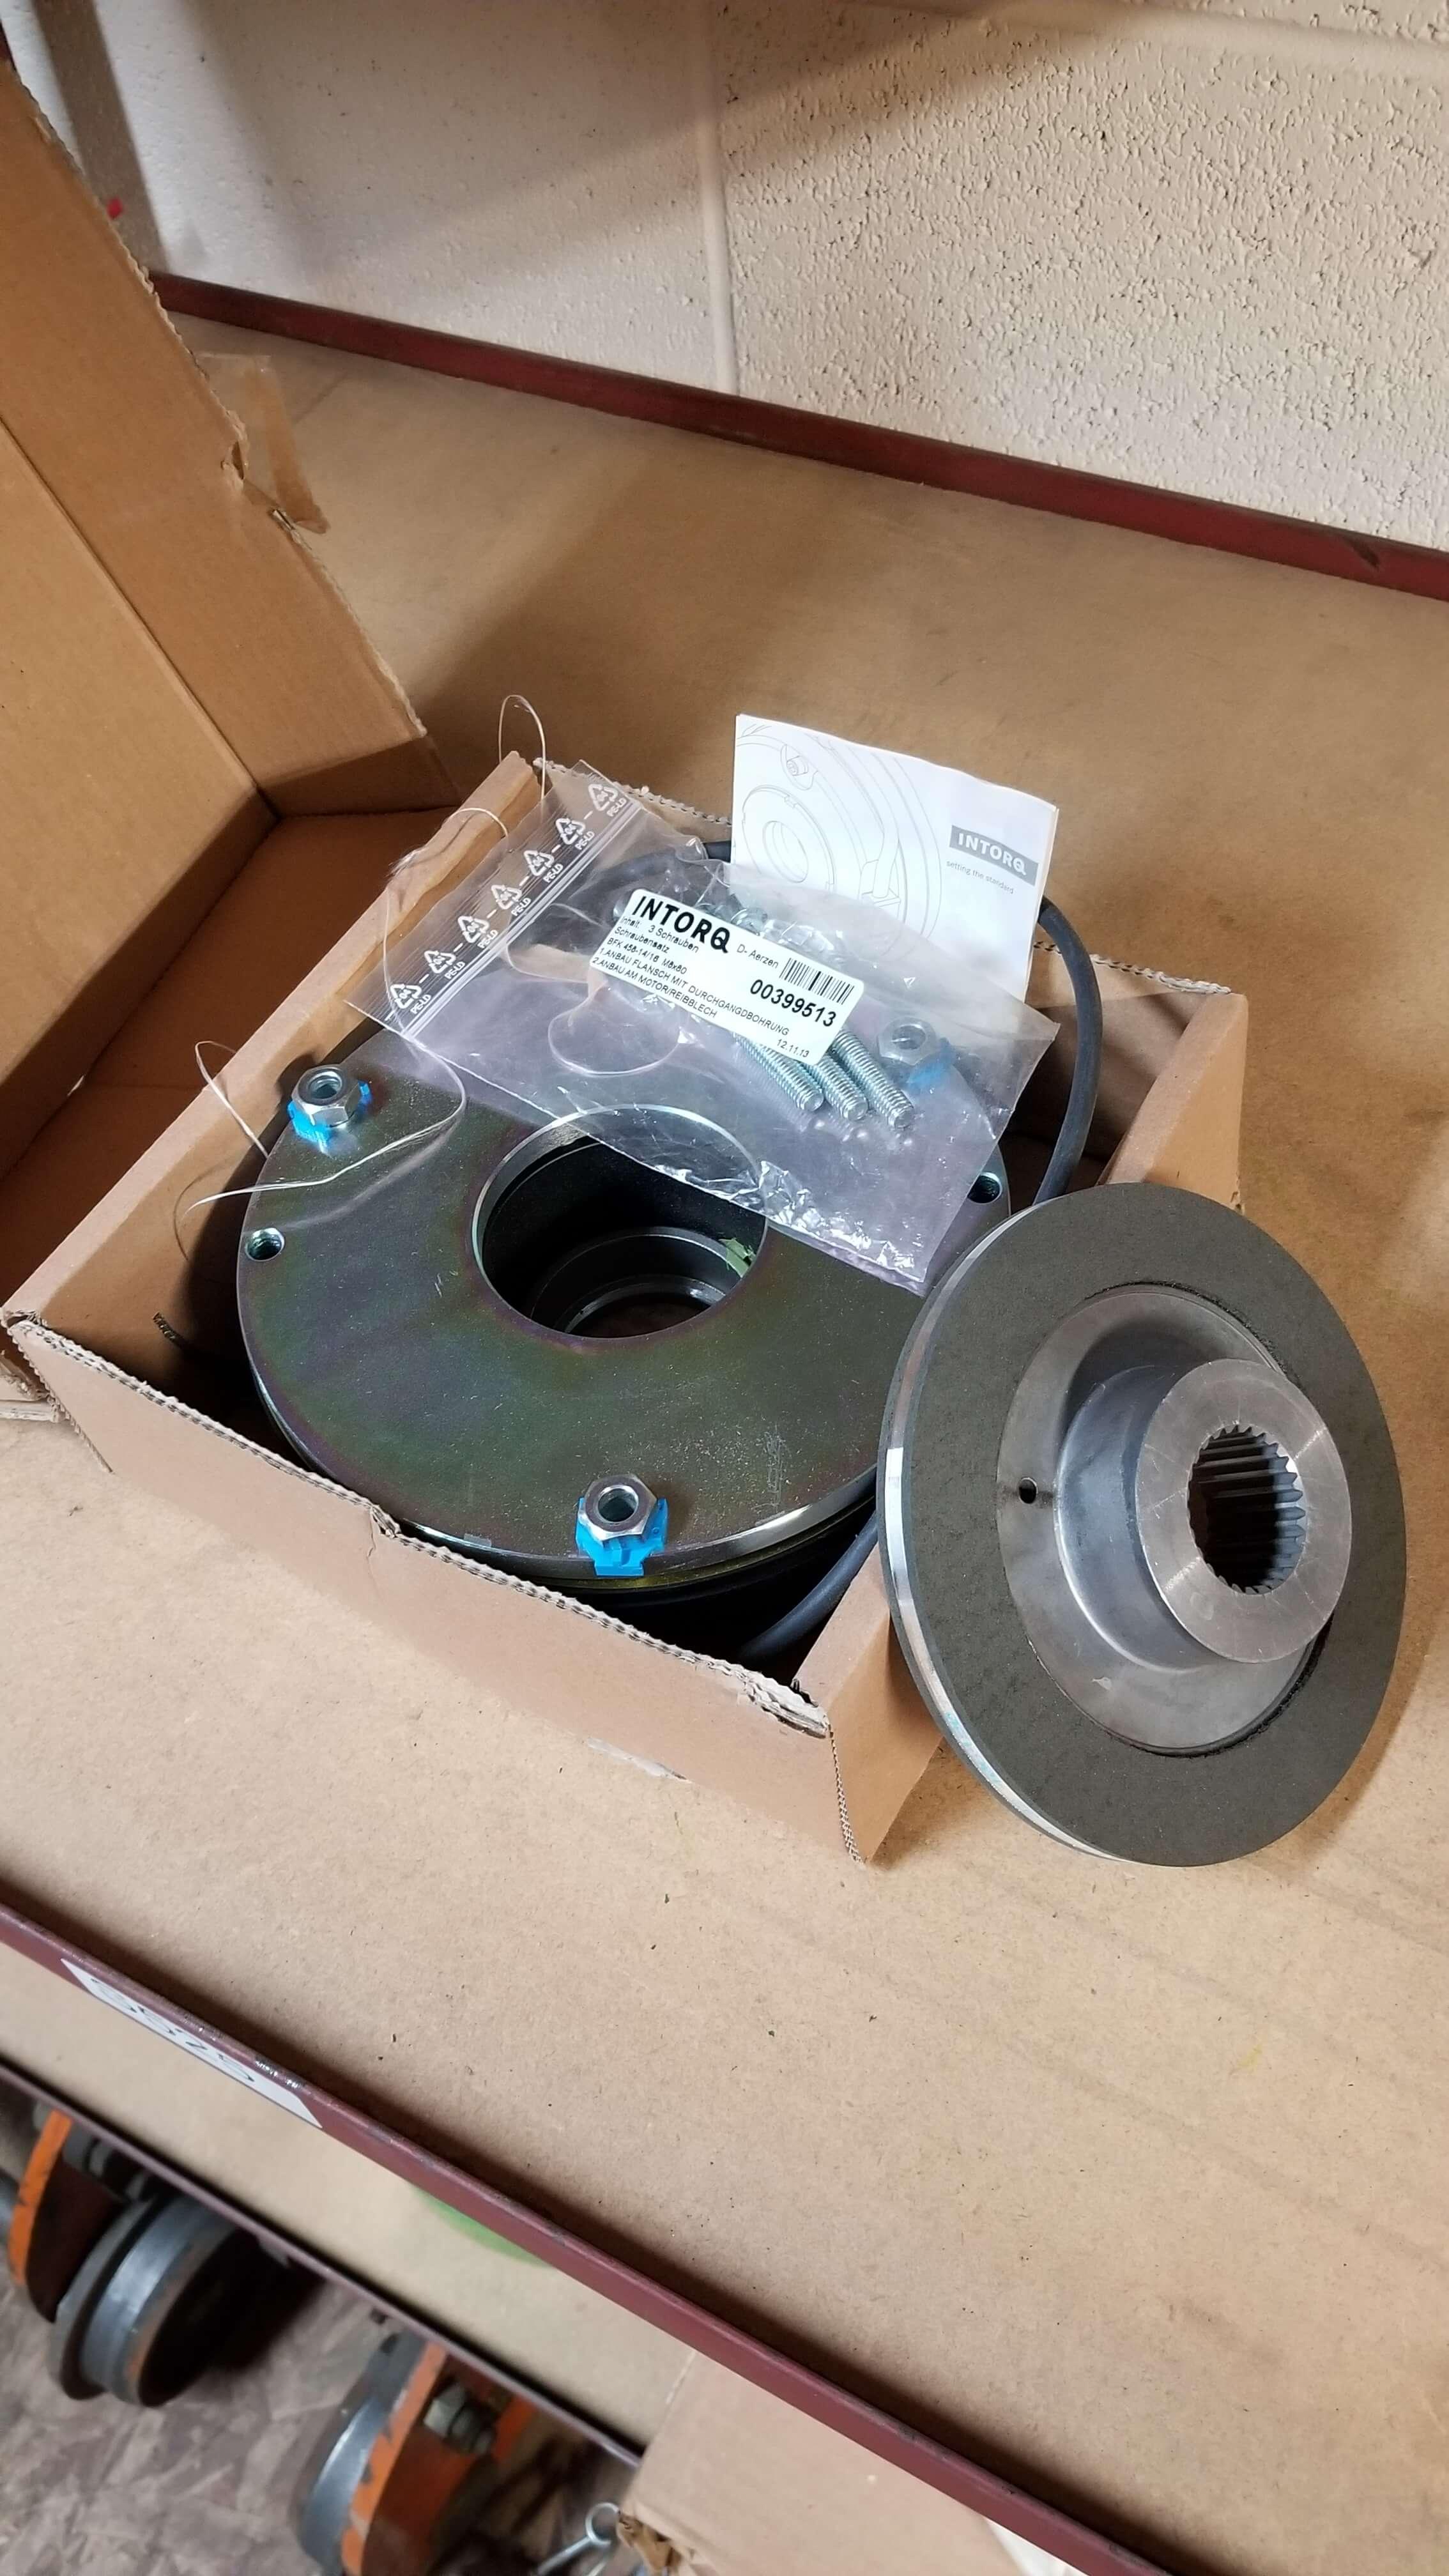 Kone XL404 Brake Assembly P/N: 52270350 ----- $2575.00 Kone XL404 Brake Disc P/N: 60009892 ------ $550.00